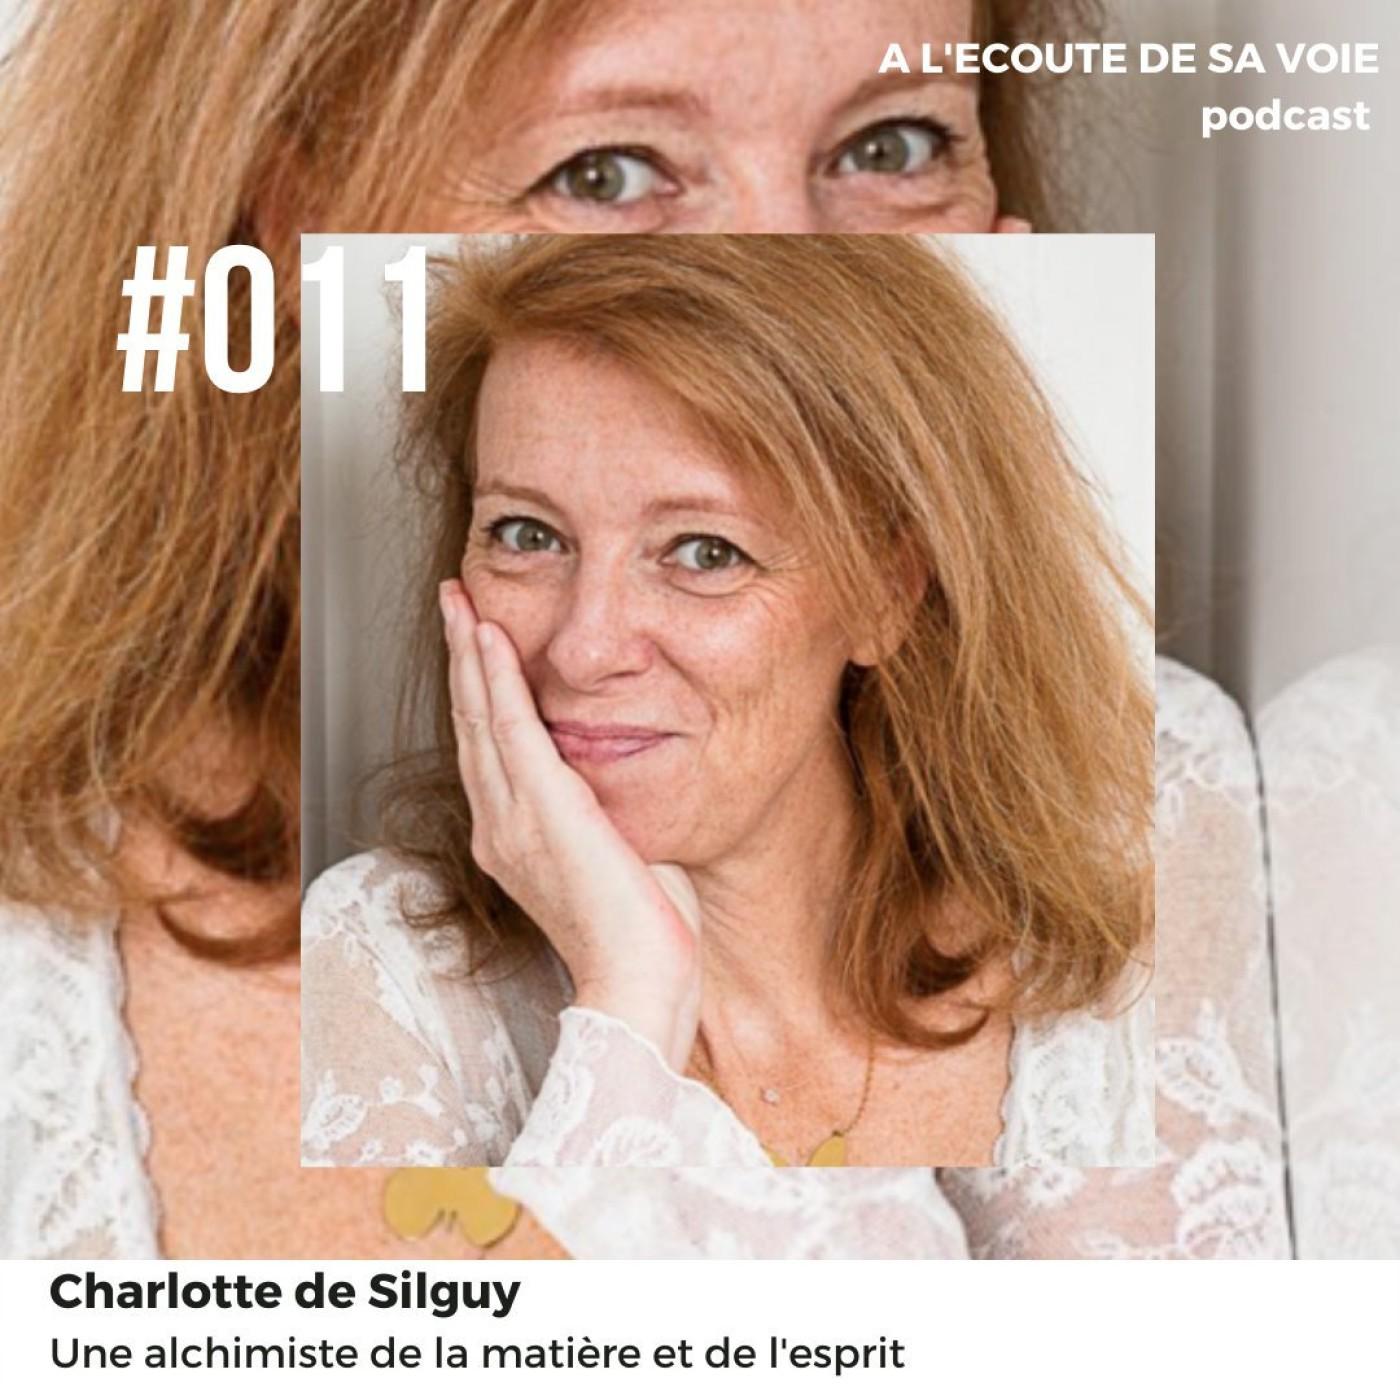 #011 Charlotte de Silguy - Une alchimiste de la matière et de l'esprit